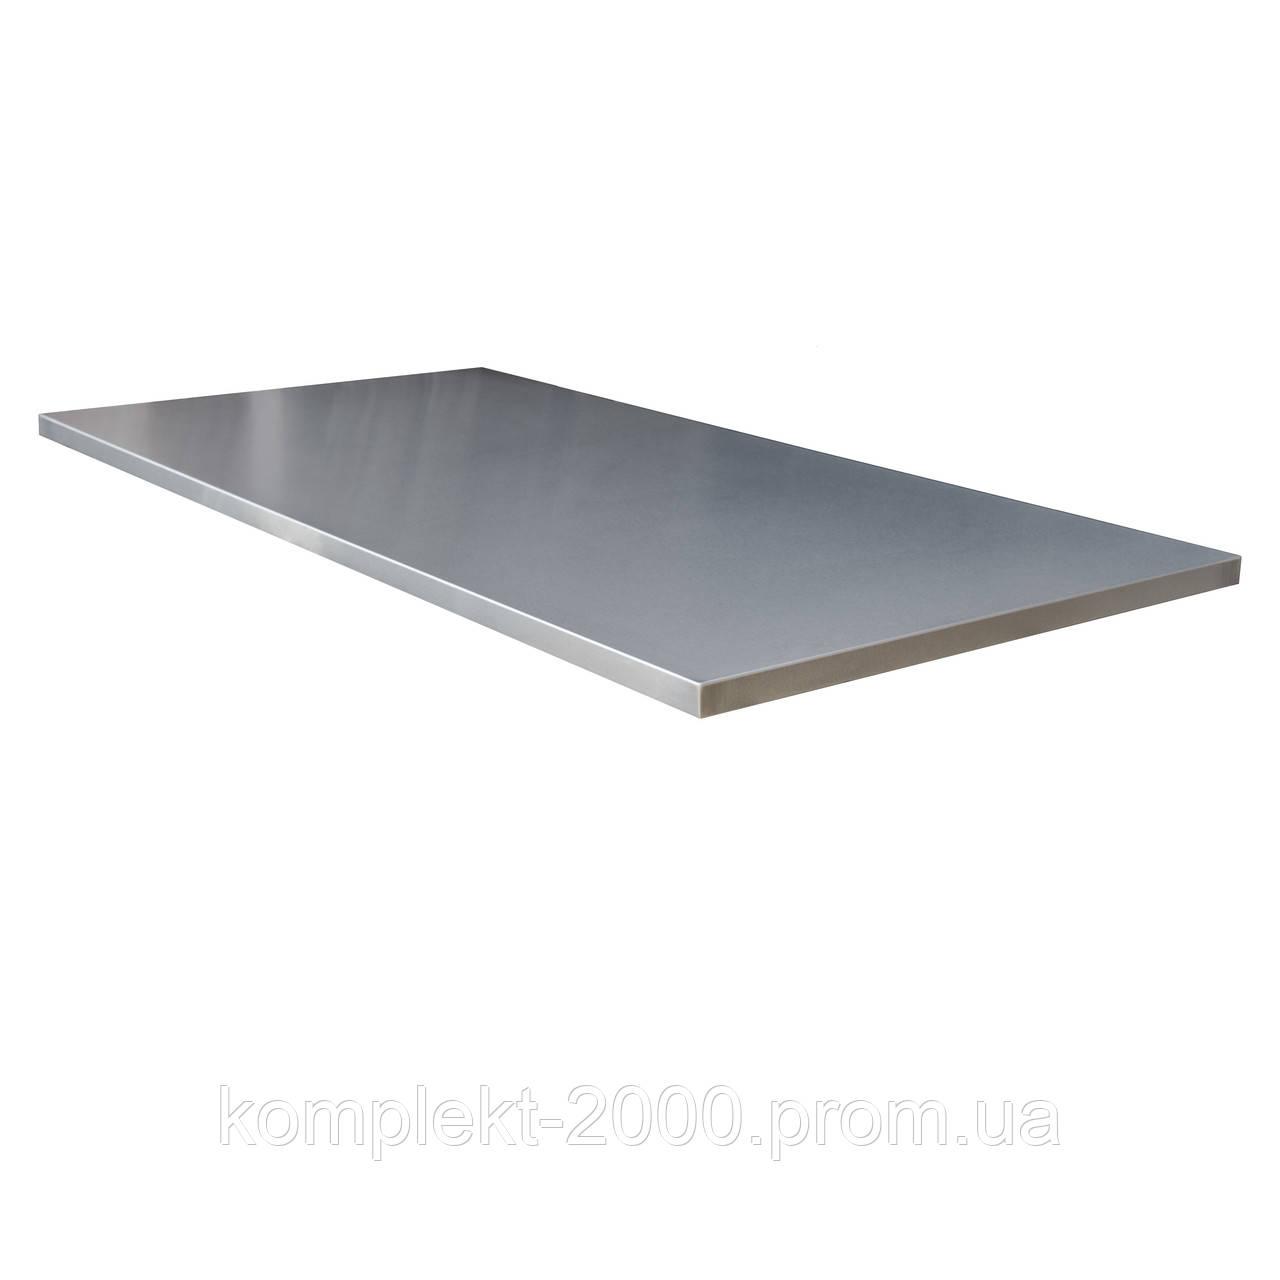 Столешница из нержавеющей стали для кухни